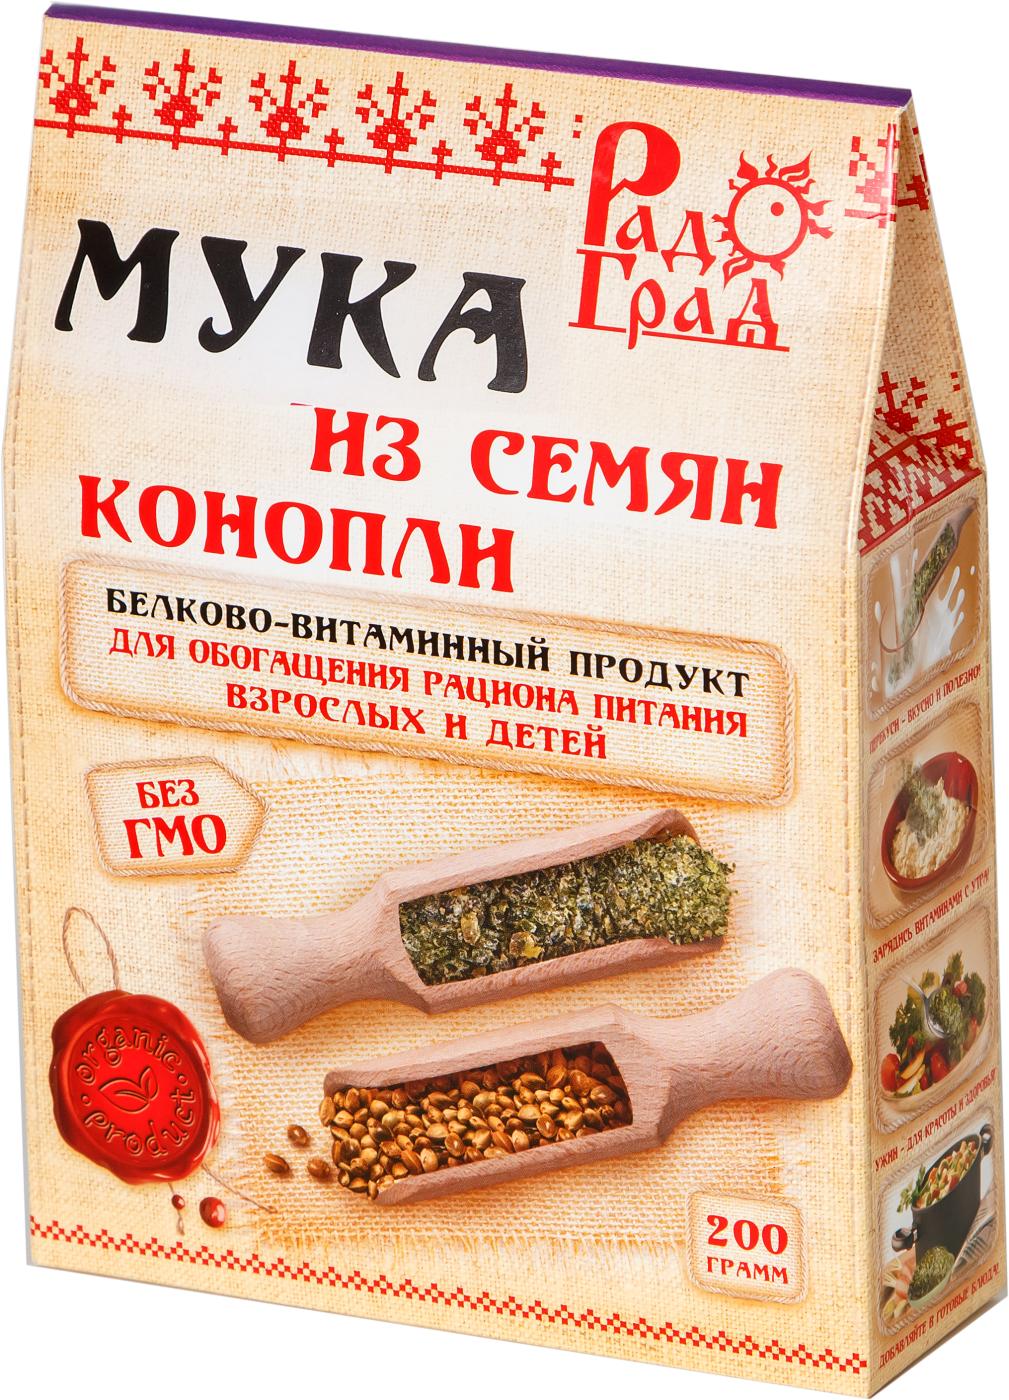 Мука конопляная, Радоград, 200г.